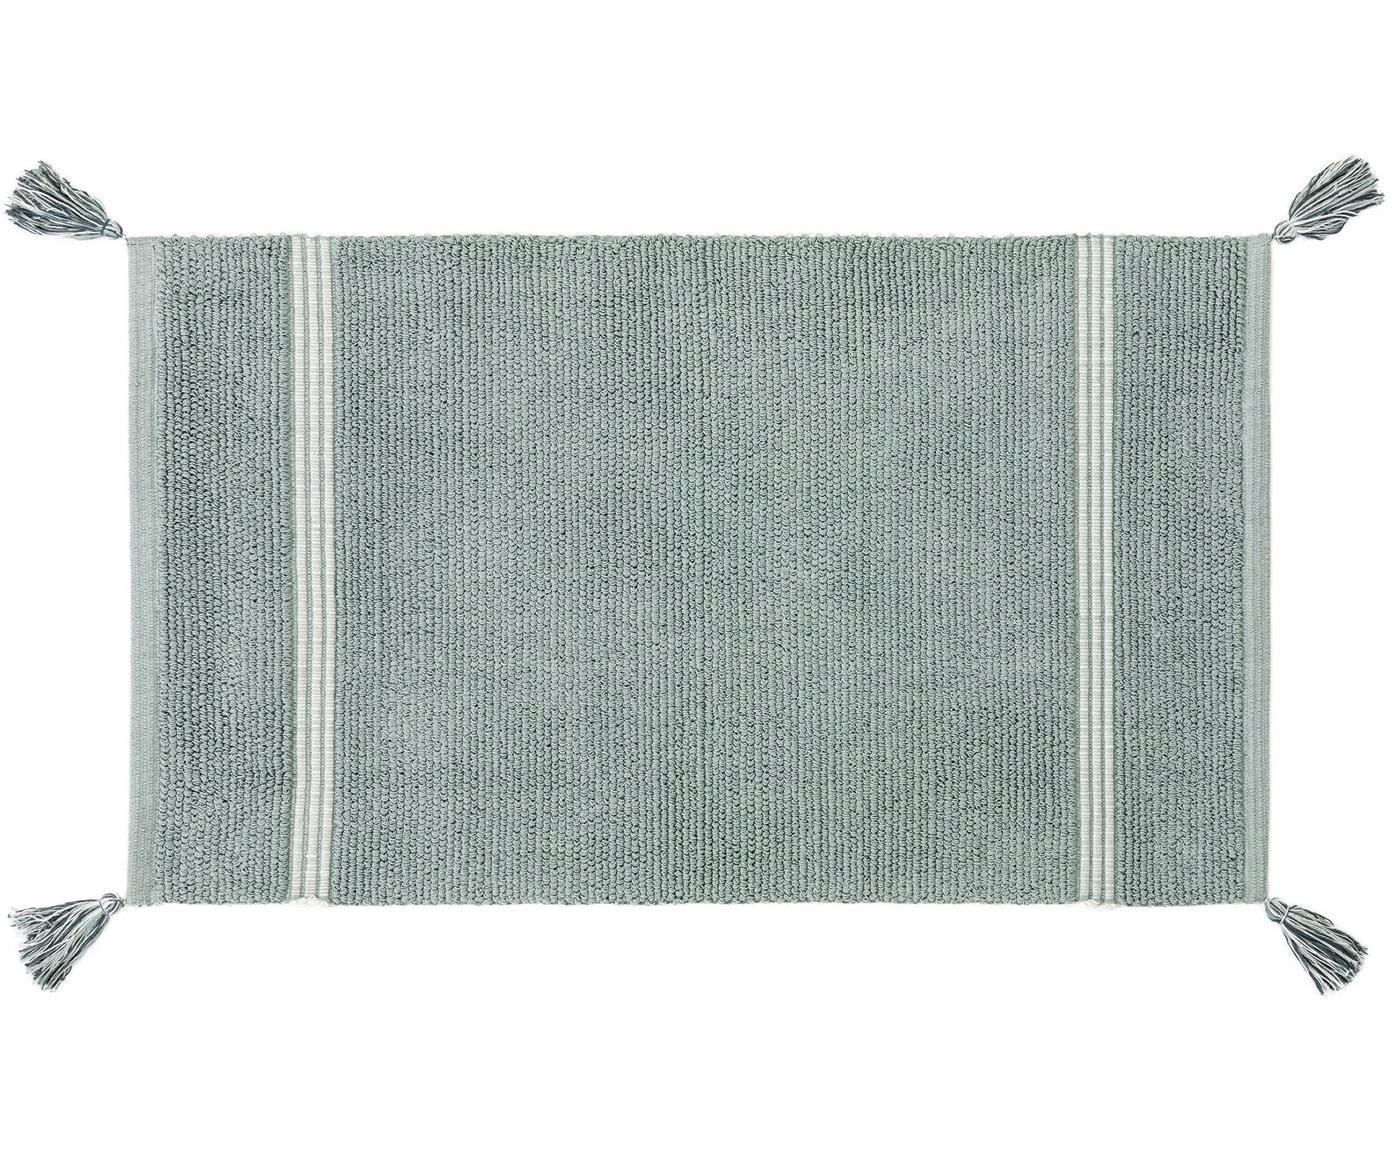 Badvorleger Dust mit Quasten, 100% Baumwolle, Mint, 50 x 85 cm